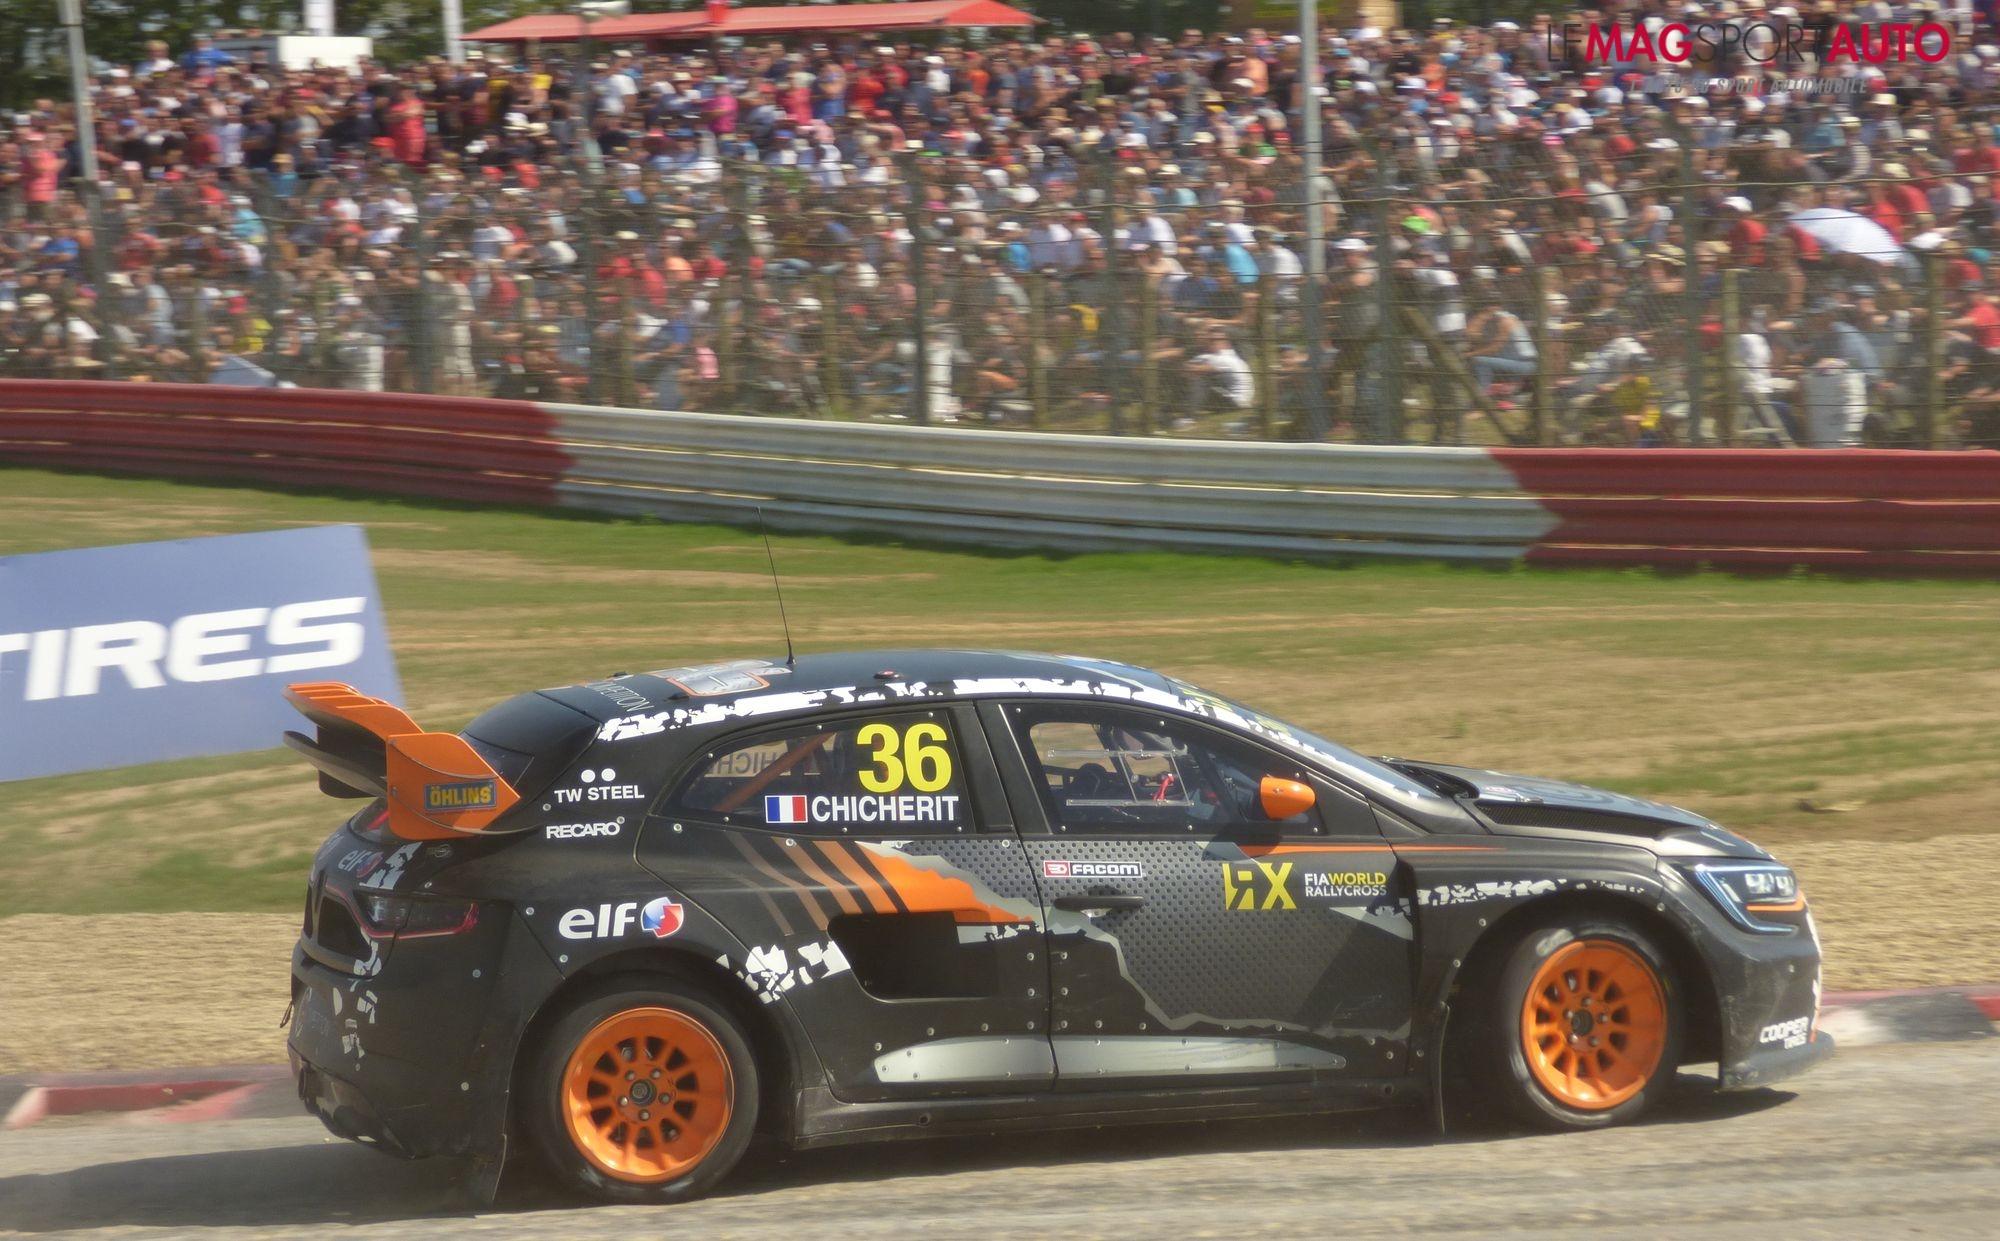 Gck : Puissance 4 En Championnat Du Monde De Rallycross tout Puissance 4 A Deux